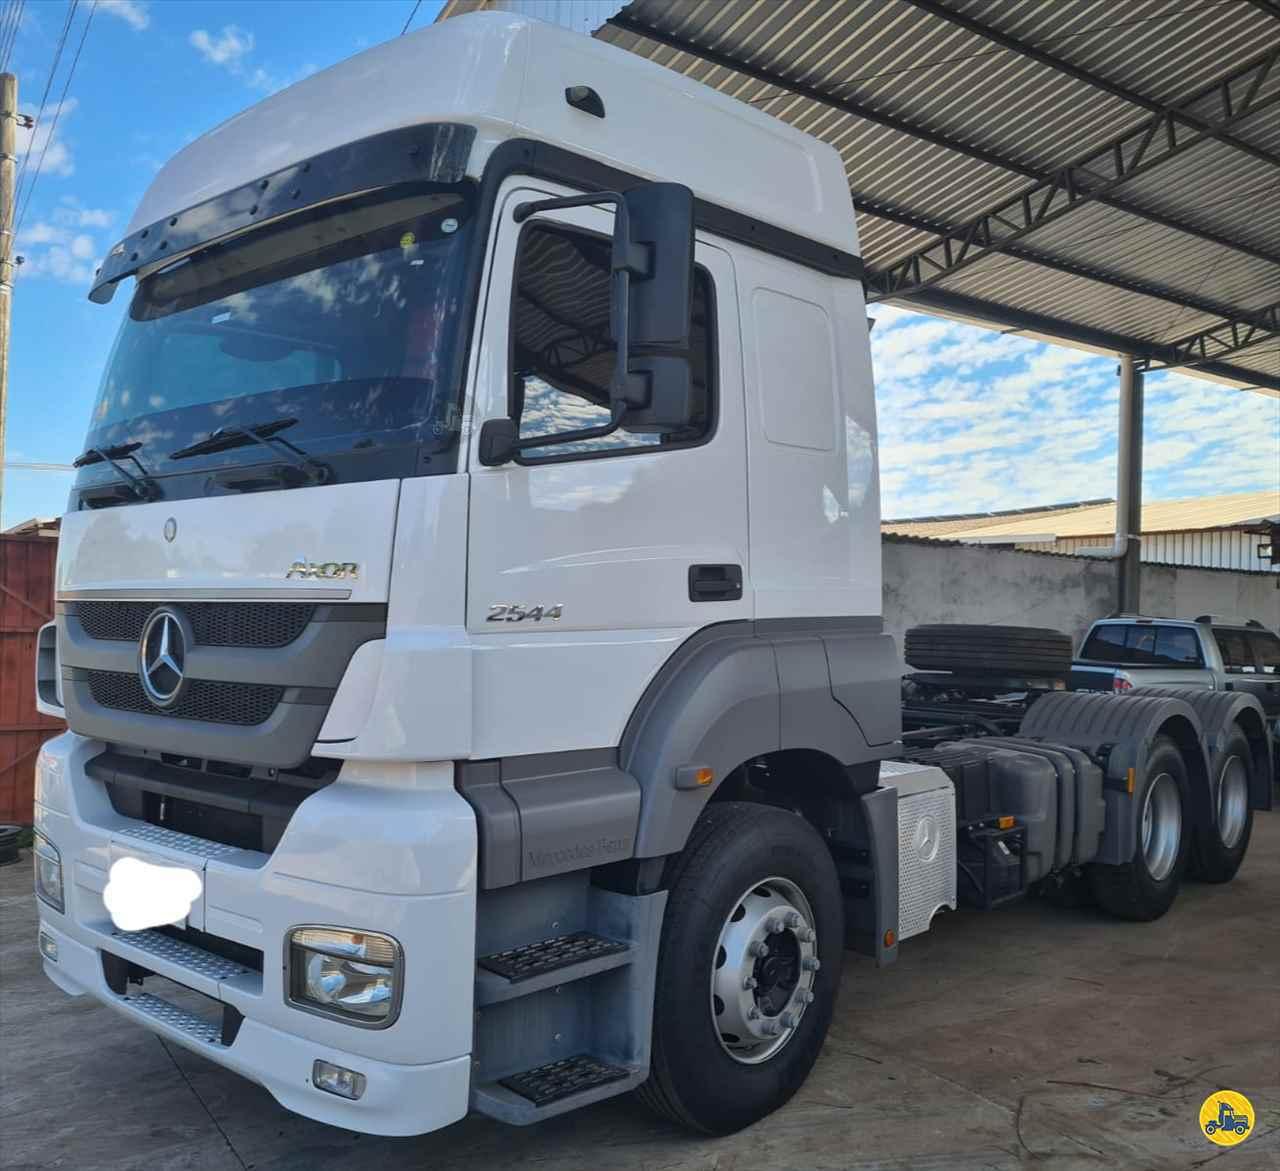 CAMINHAO MERCEDES-BENZ MB 2544 Cavalo Mecânico Truck 6x2 Rodrigo Caminhões CAMPO GRANDE MATO GROSSO DO SUL MS